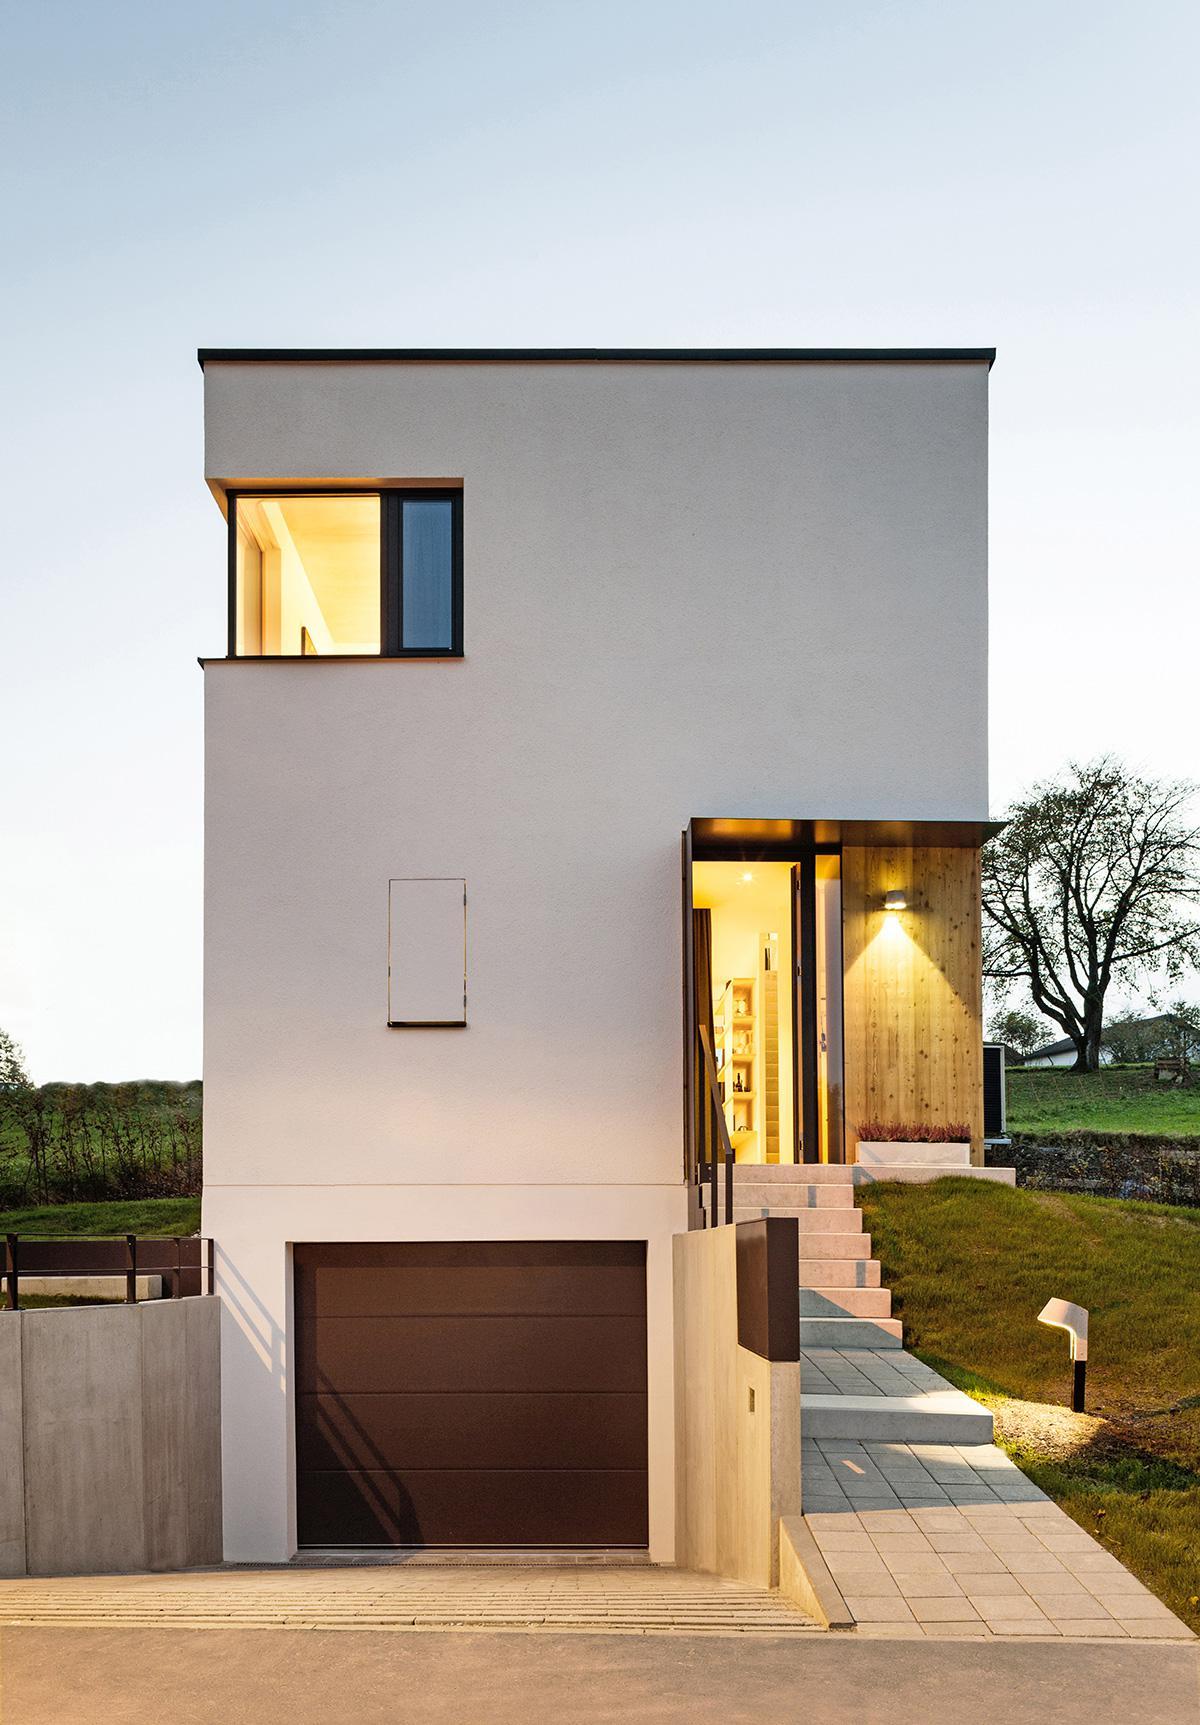 Das kleine Haus. — 1